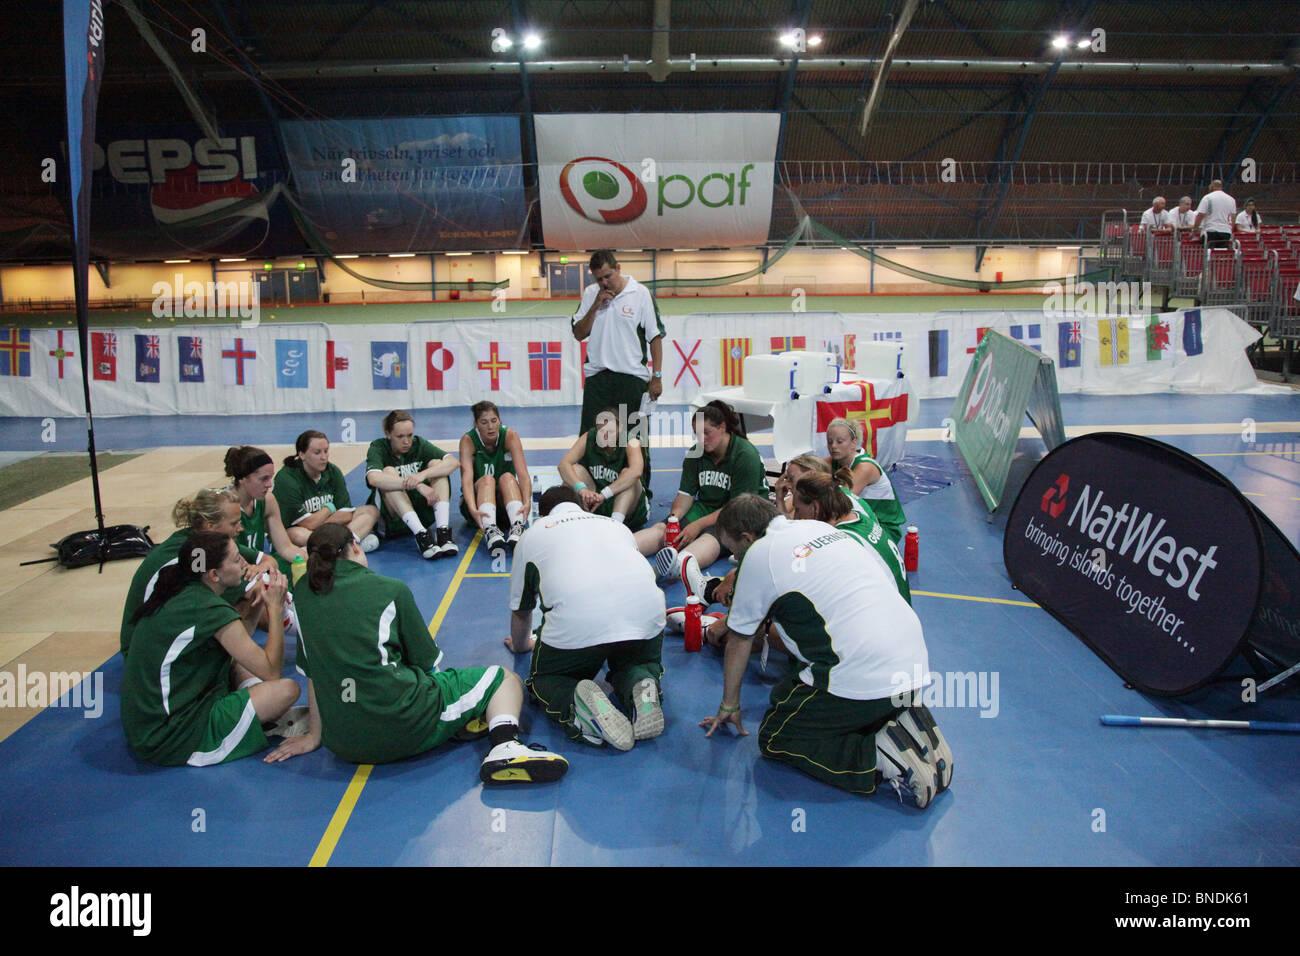 Finale féminine de basket-ball défaite de Minorque Île NatWest Guernesey 2009 Jeux en Eckeröhallen Photo Stock